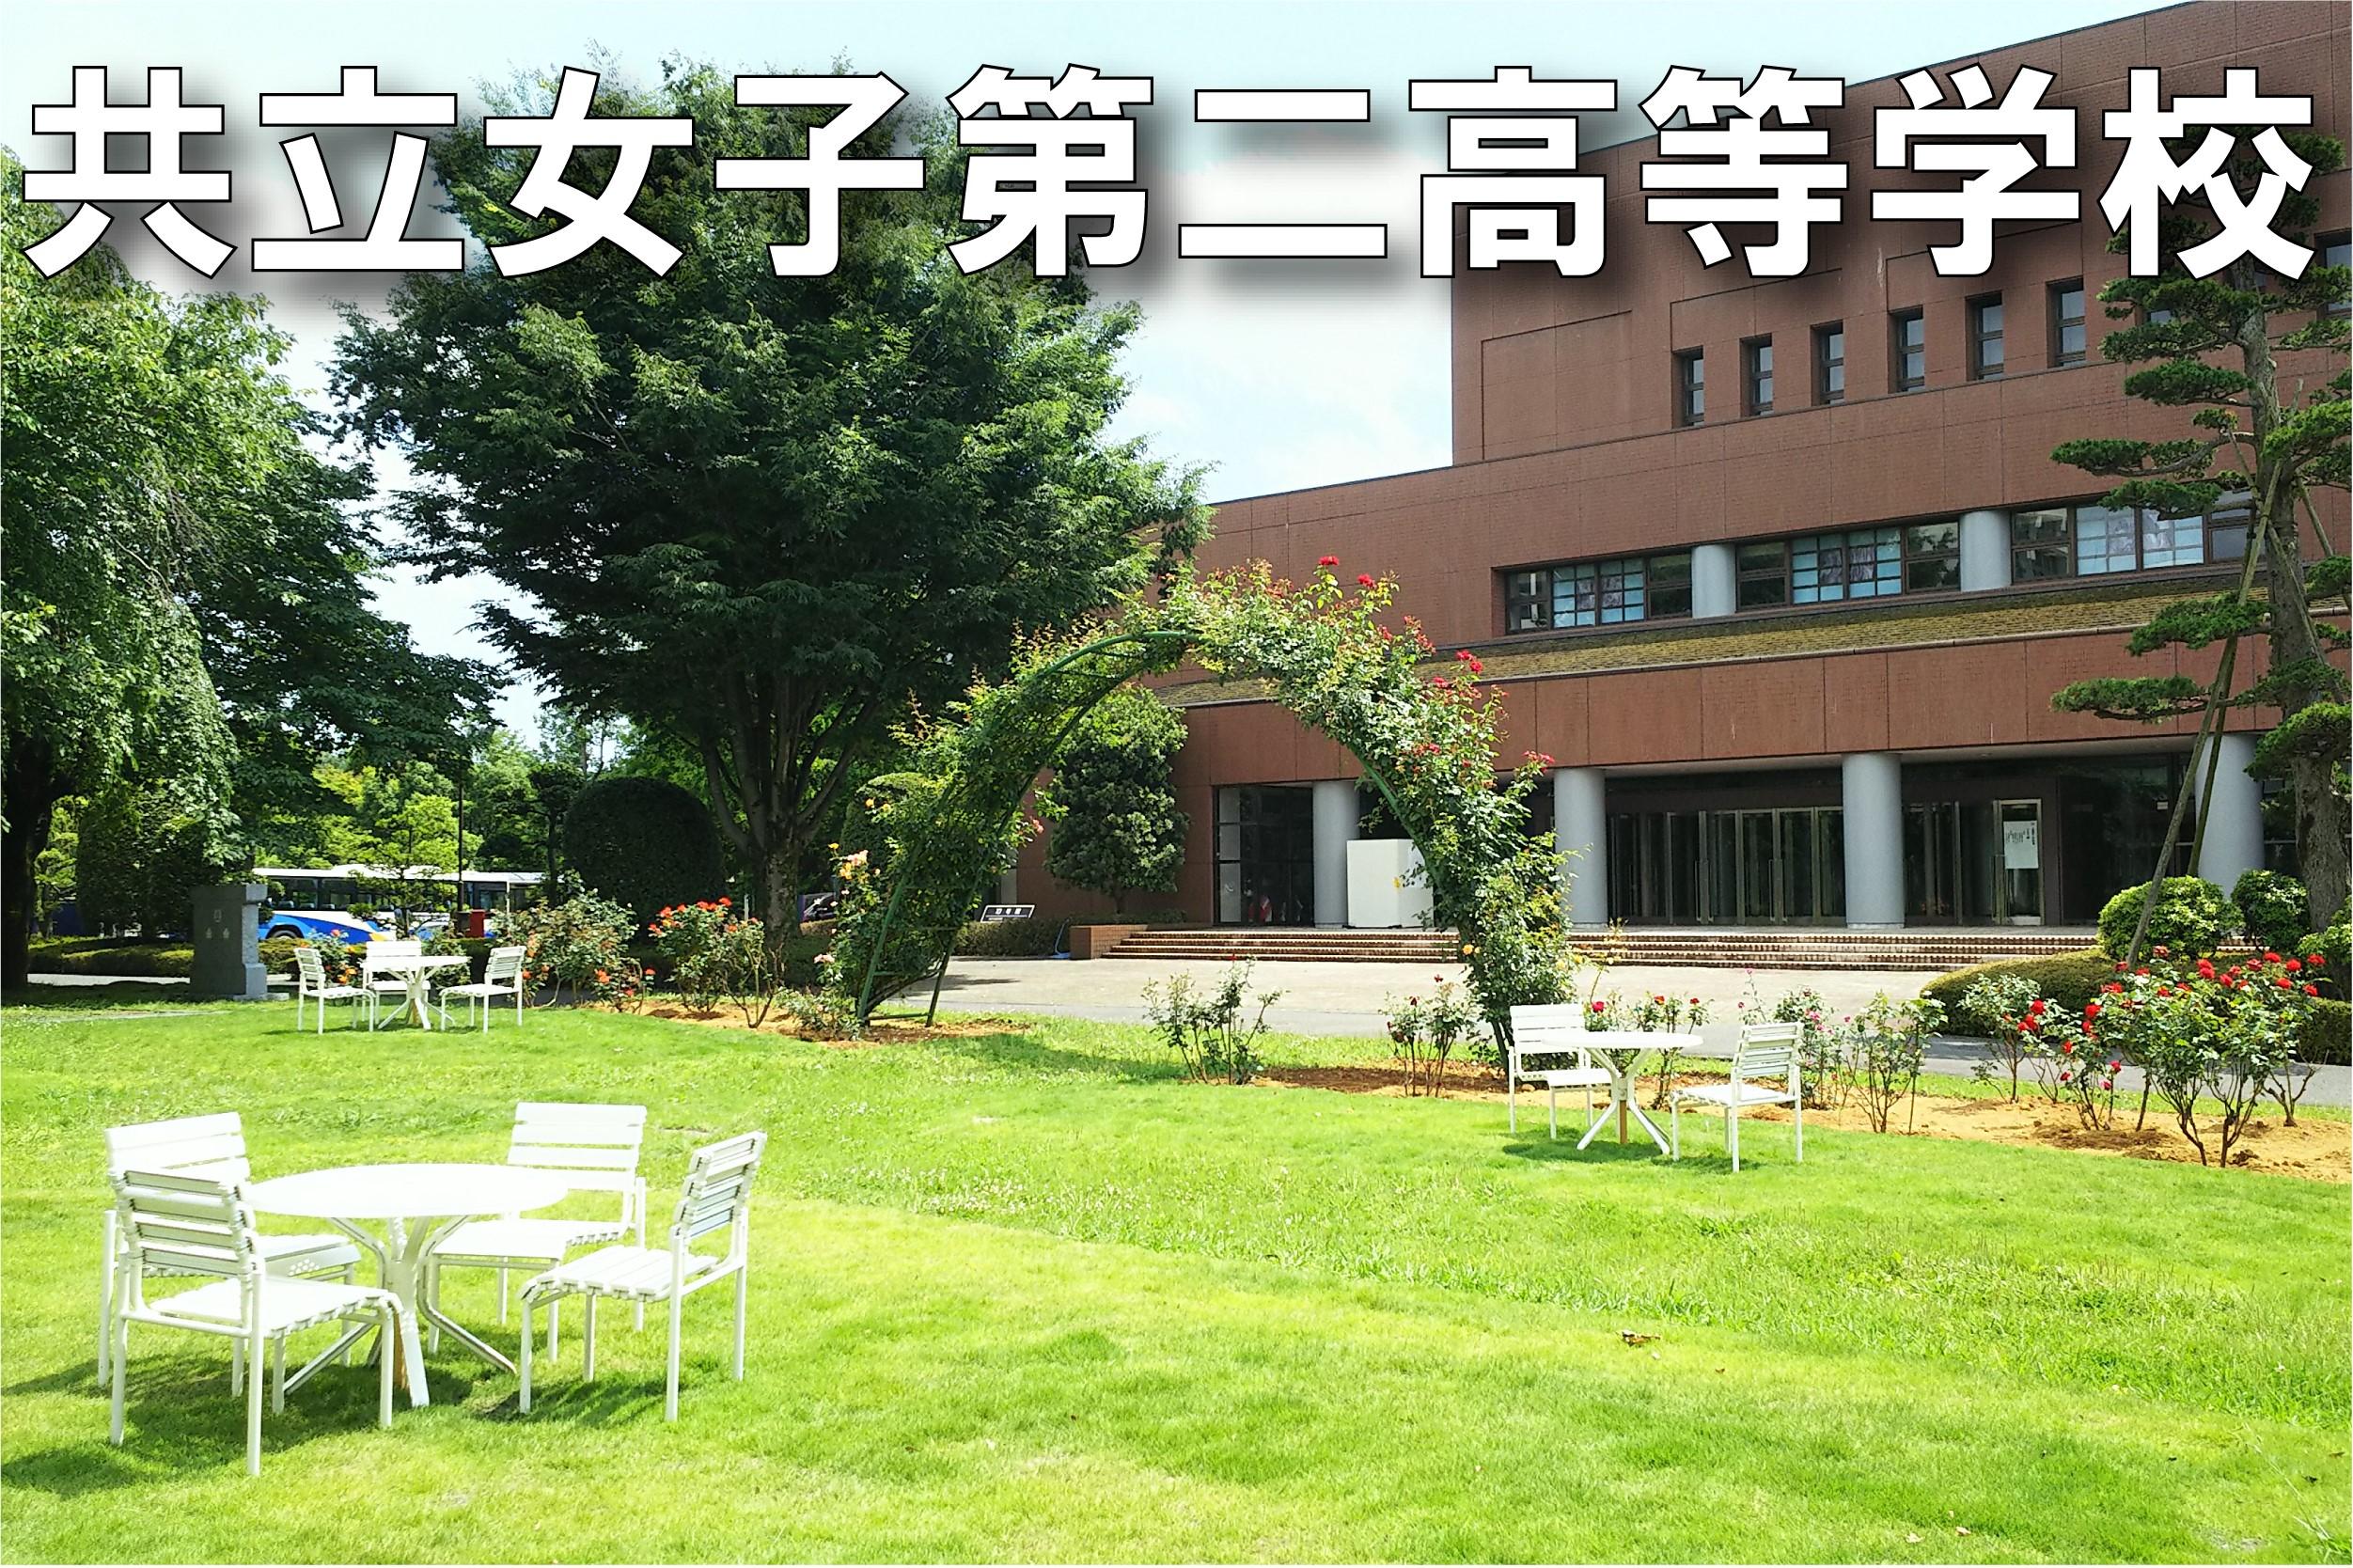 東京ドーム5個分の充実したキャンパス!現役進学率は95%!